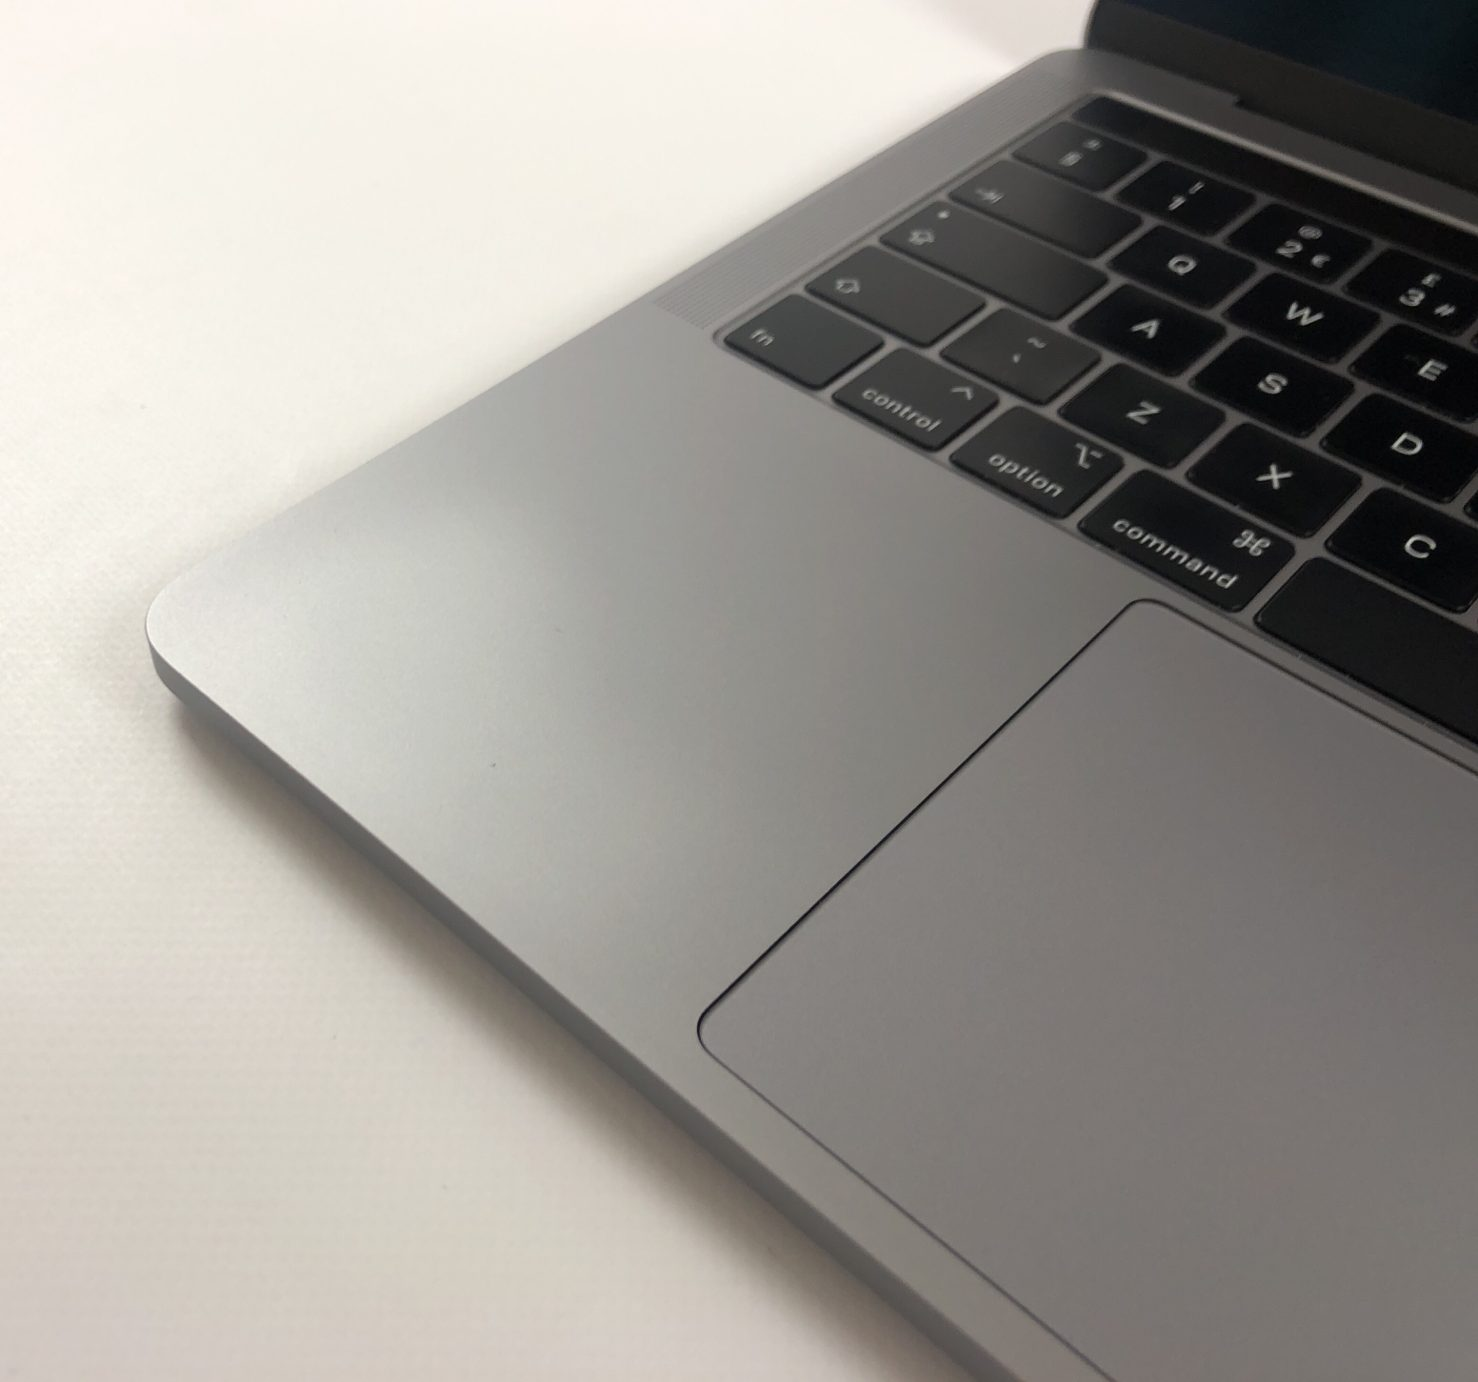 """MacBook Pro 13"""" 4TBT Mid 2018 (Intel Quad-Core i5 2.3 GHz 8 GB RAM 512 GB SSD), Space Gray, Intel Quad-Core i5 2.3 GHz, 8 GB RAM, 512 GB SSD, image 4"""